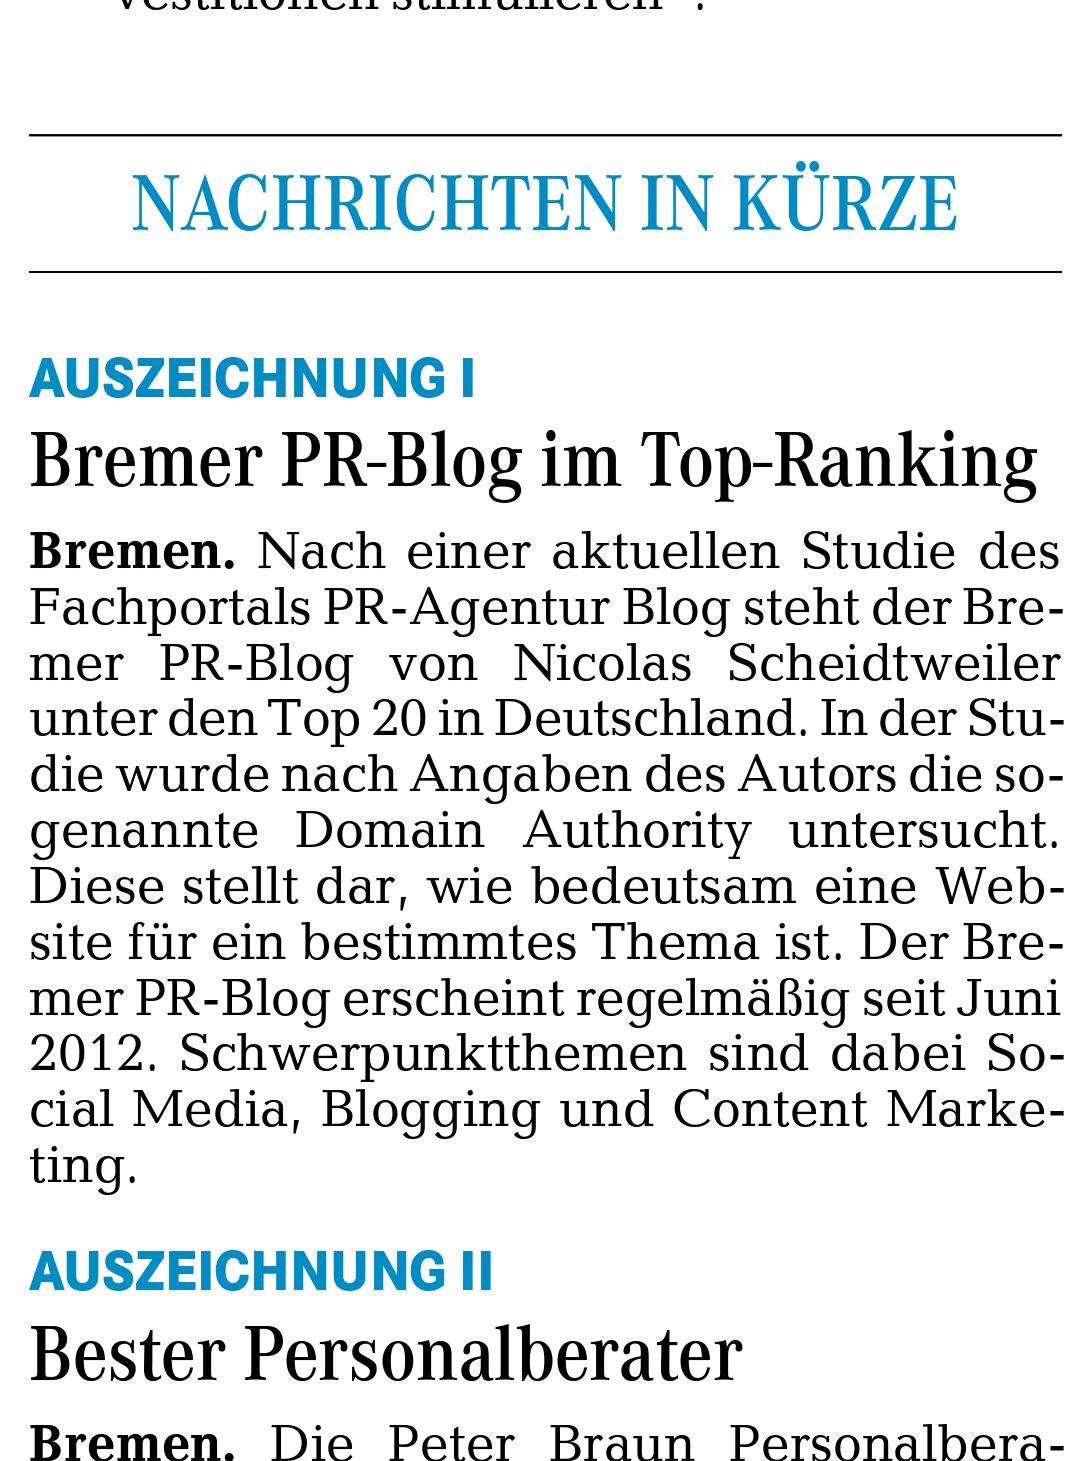 Bester PR-Blog in Bremen - Kurier am Sonntag Nordwest vom 8. Juni 2014